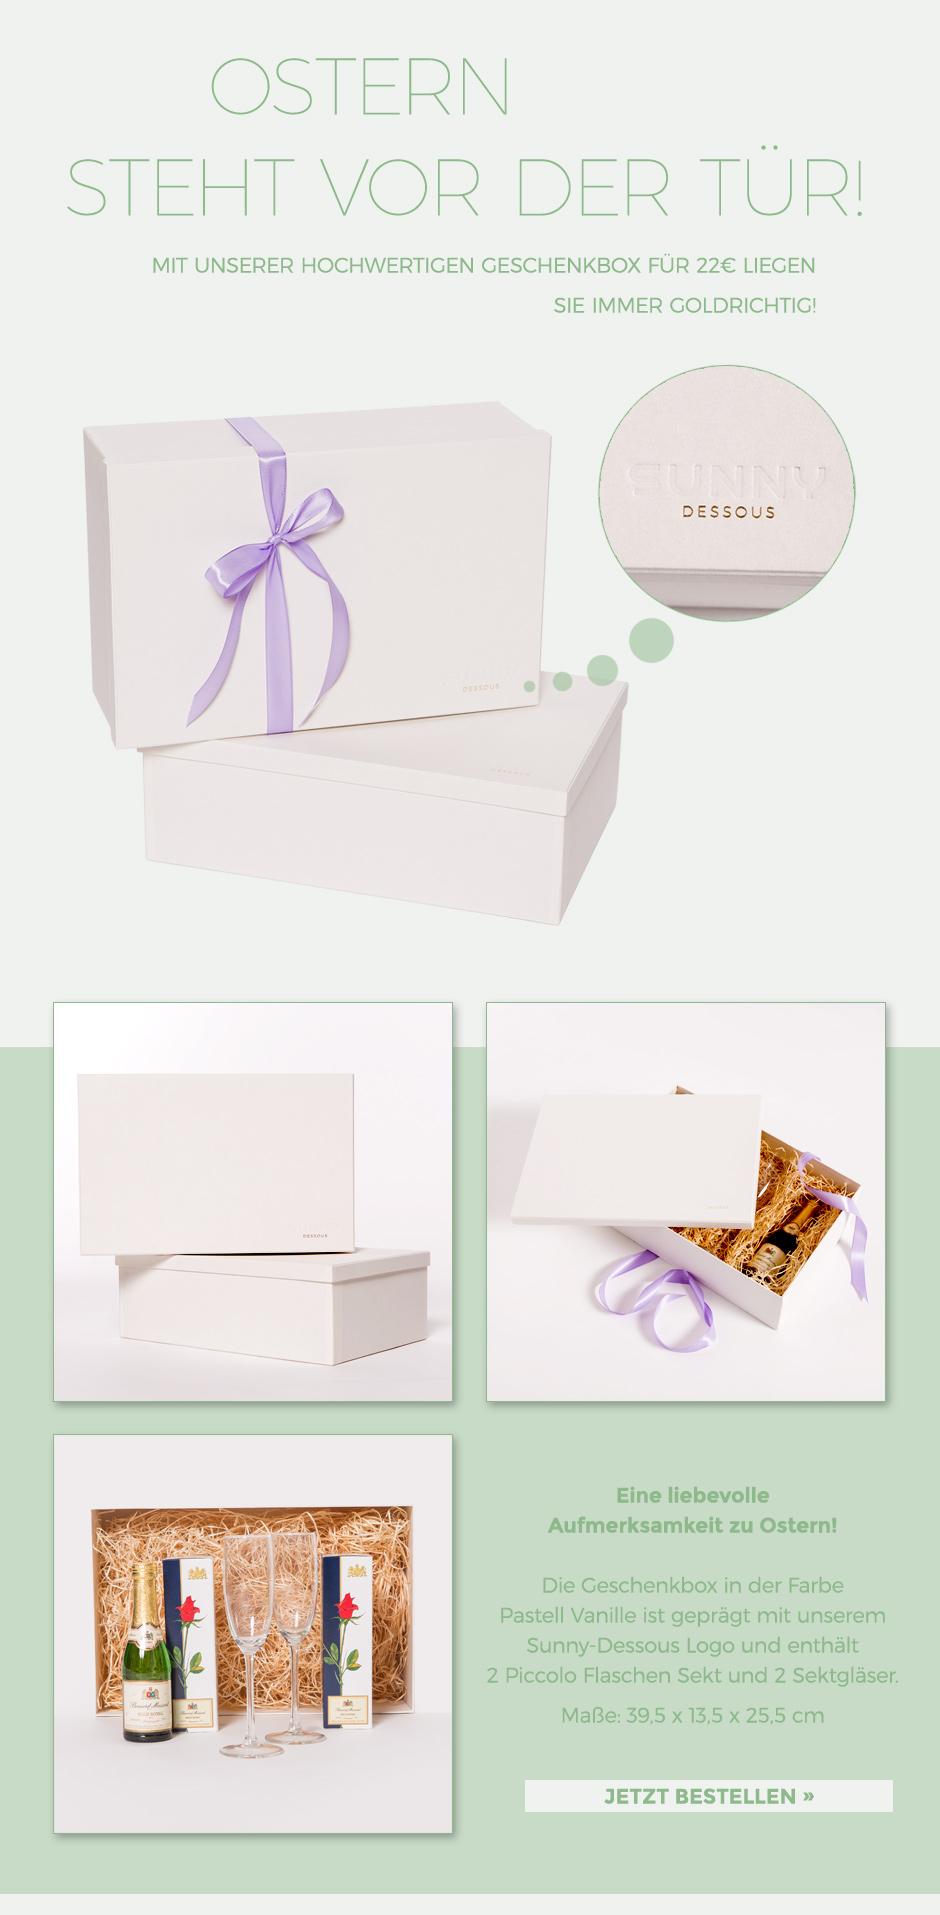 Ostern Geschenkidee liebevolle Aufmerksamkeit gefüllte Geschenkbox Sekt und Sektgläser